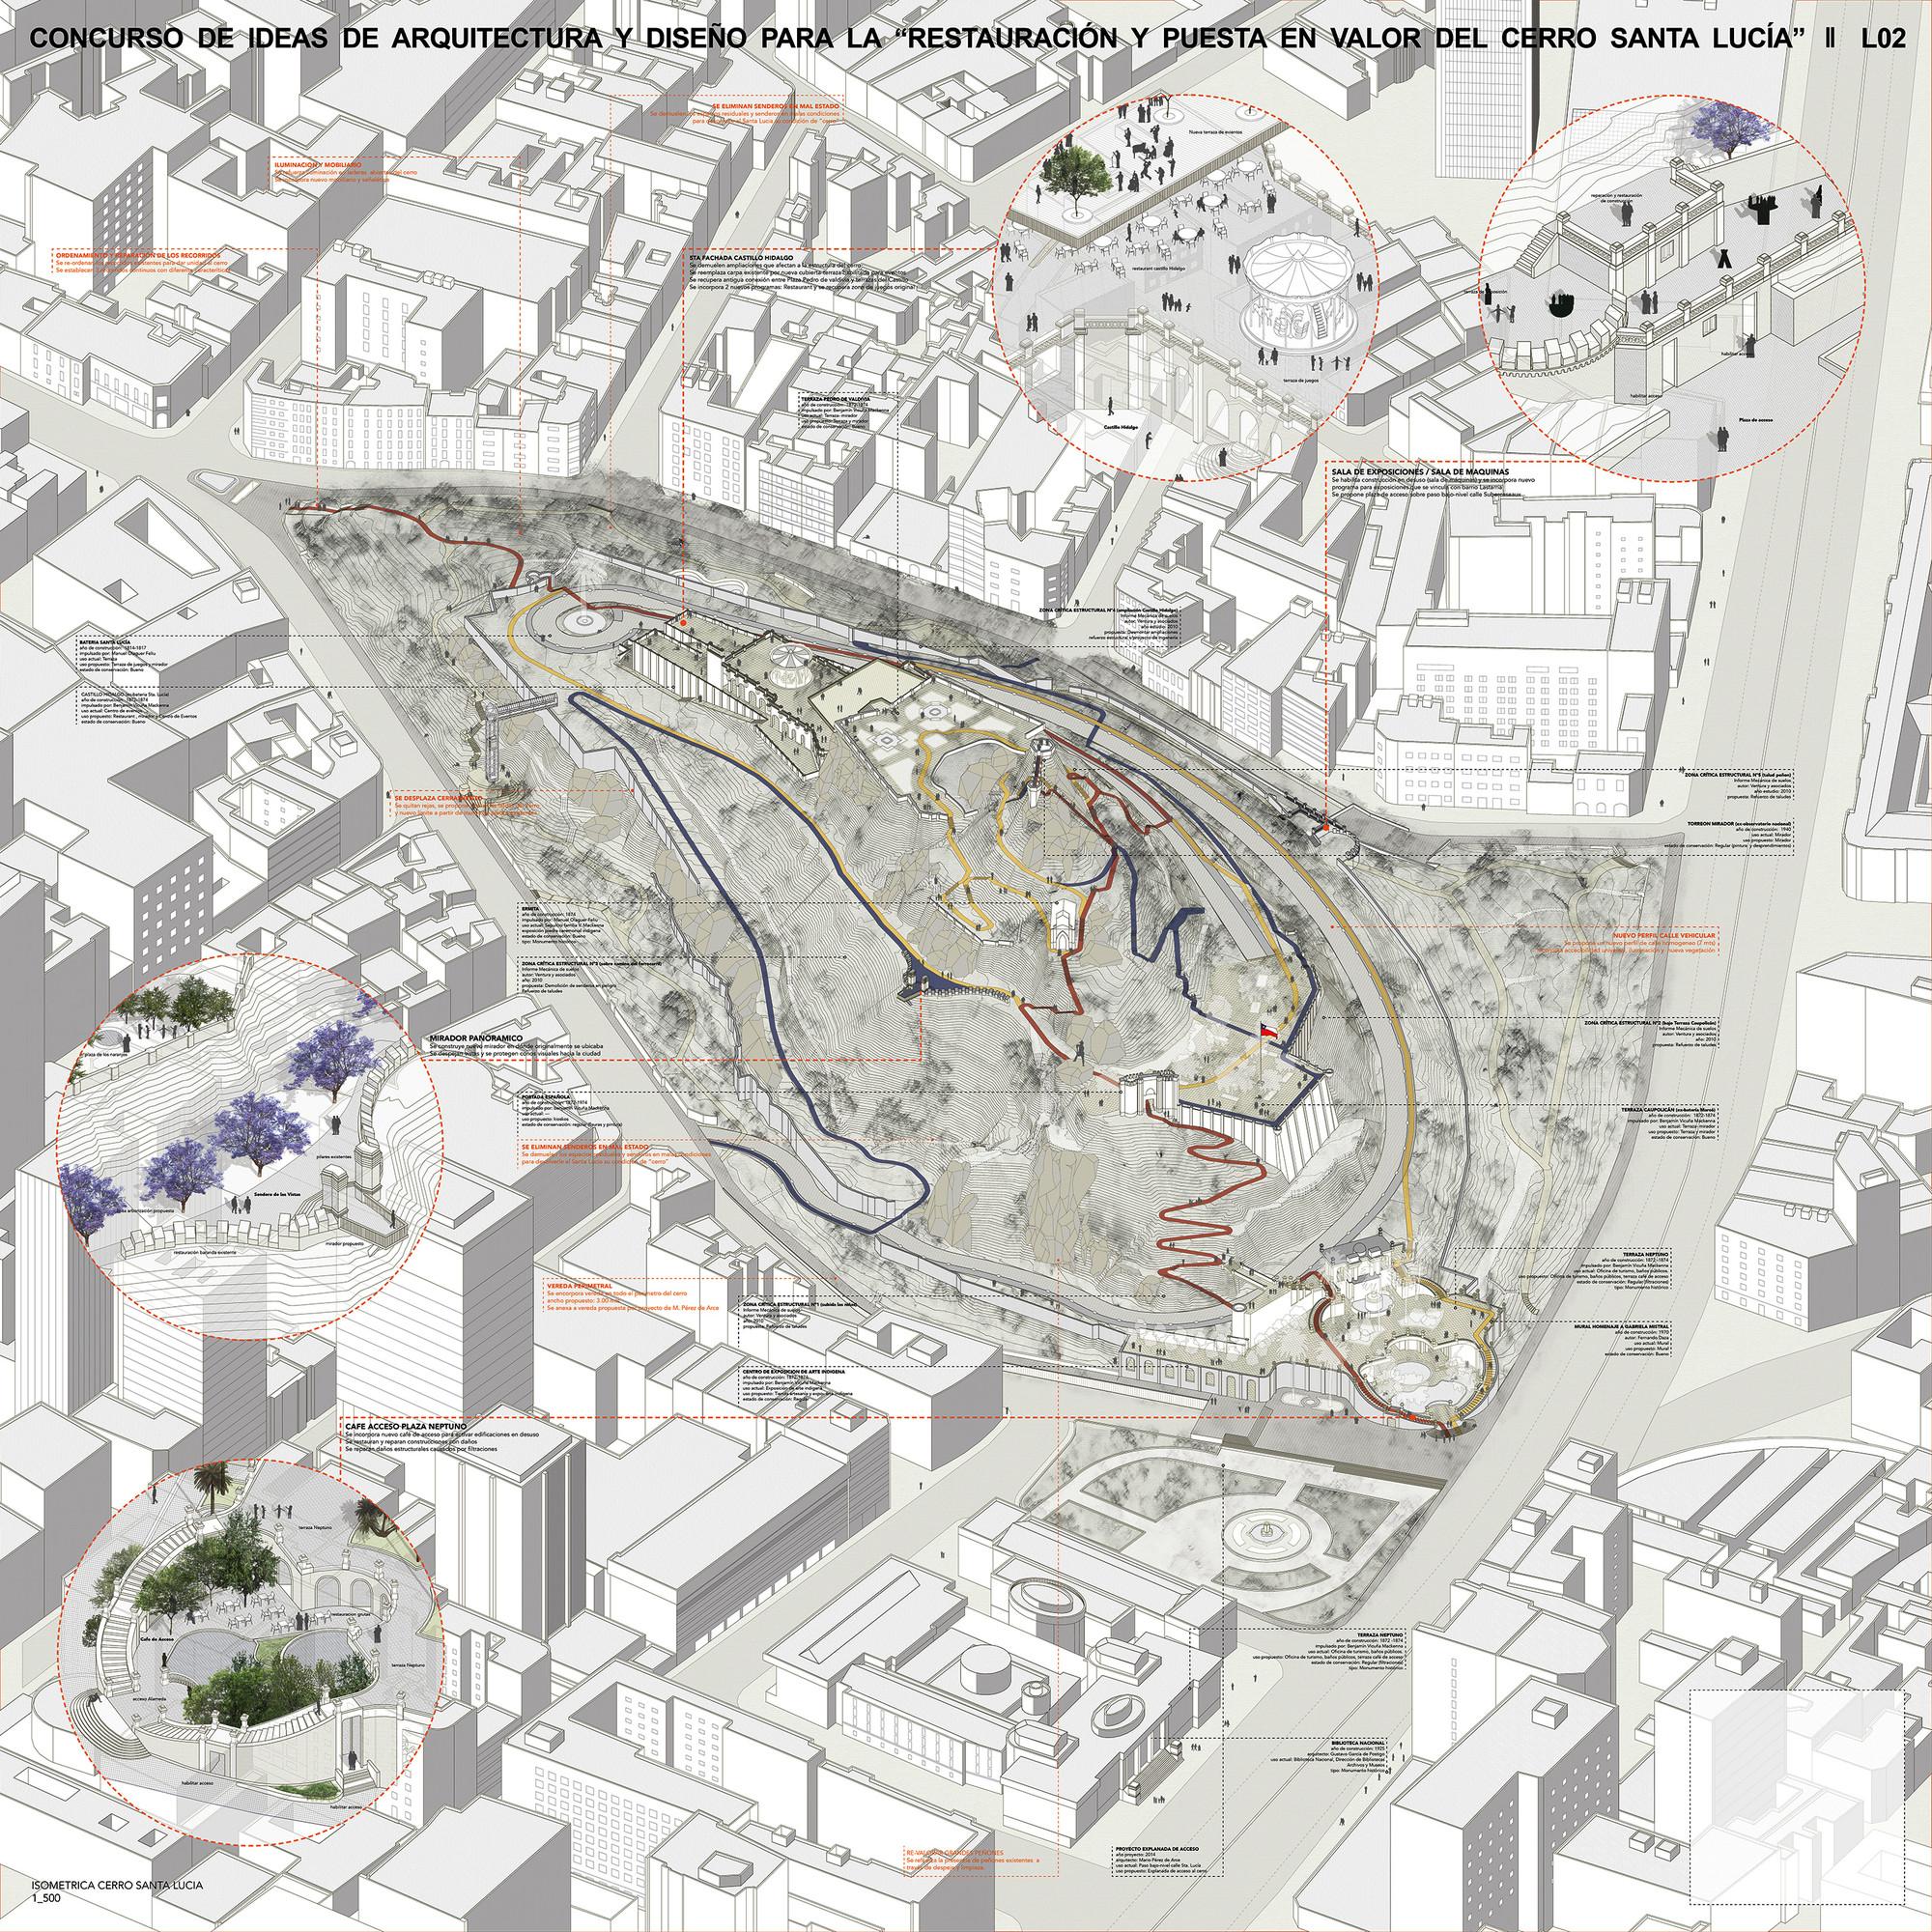 Jadue Livingstone + Juan Hurtado Arquitectos, primer lugar en concurso de ideas para Cerro Santa Lucía , Cortesia de Equipo Primer Lugar